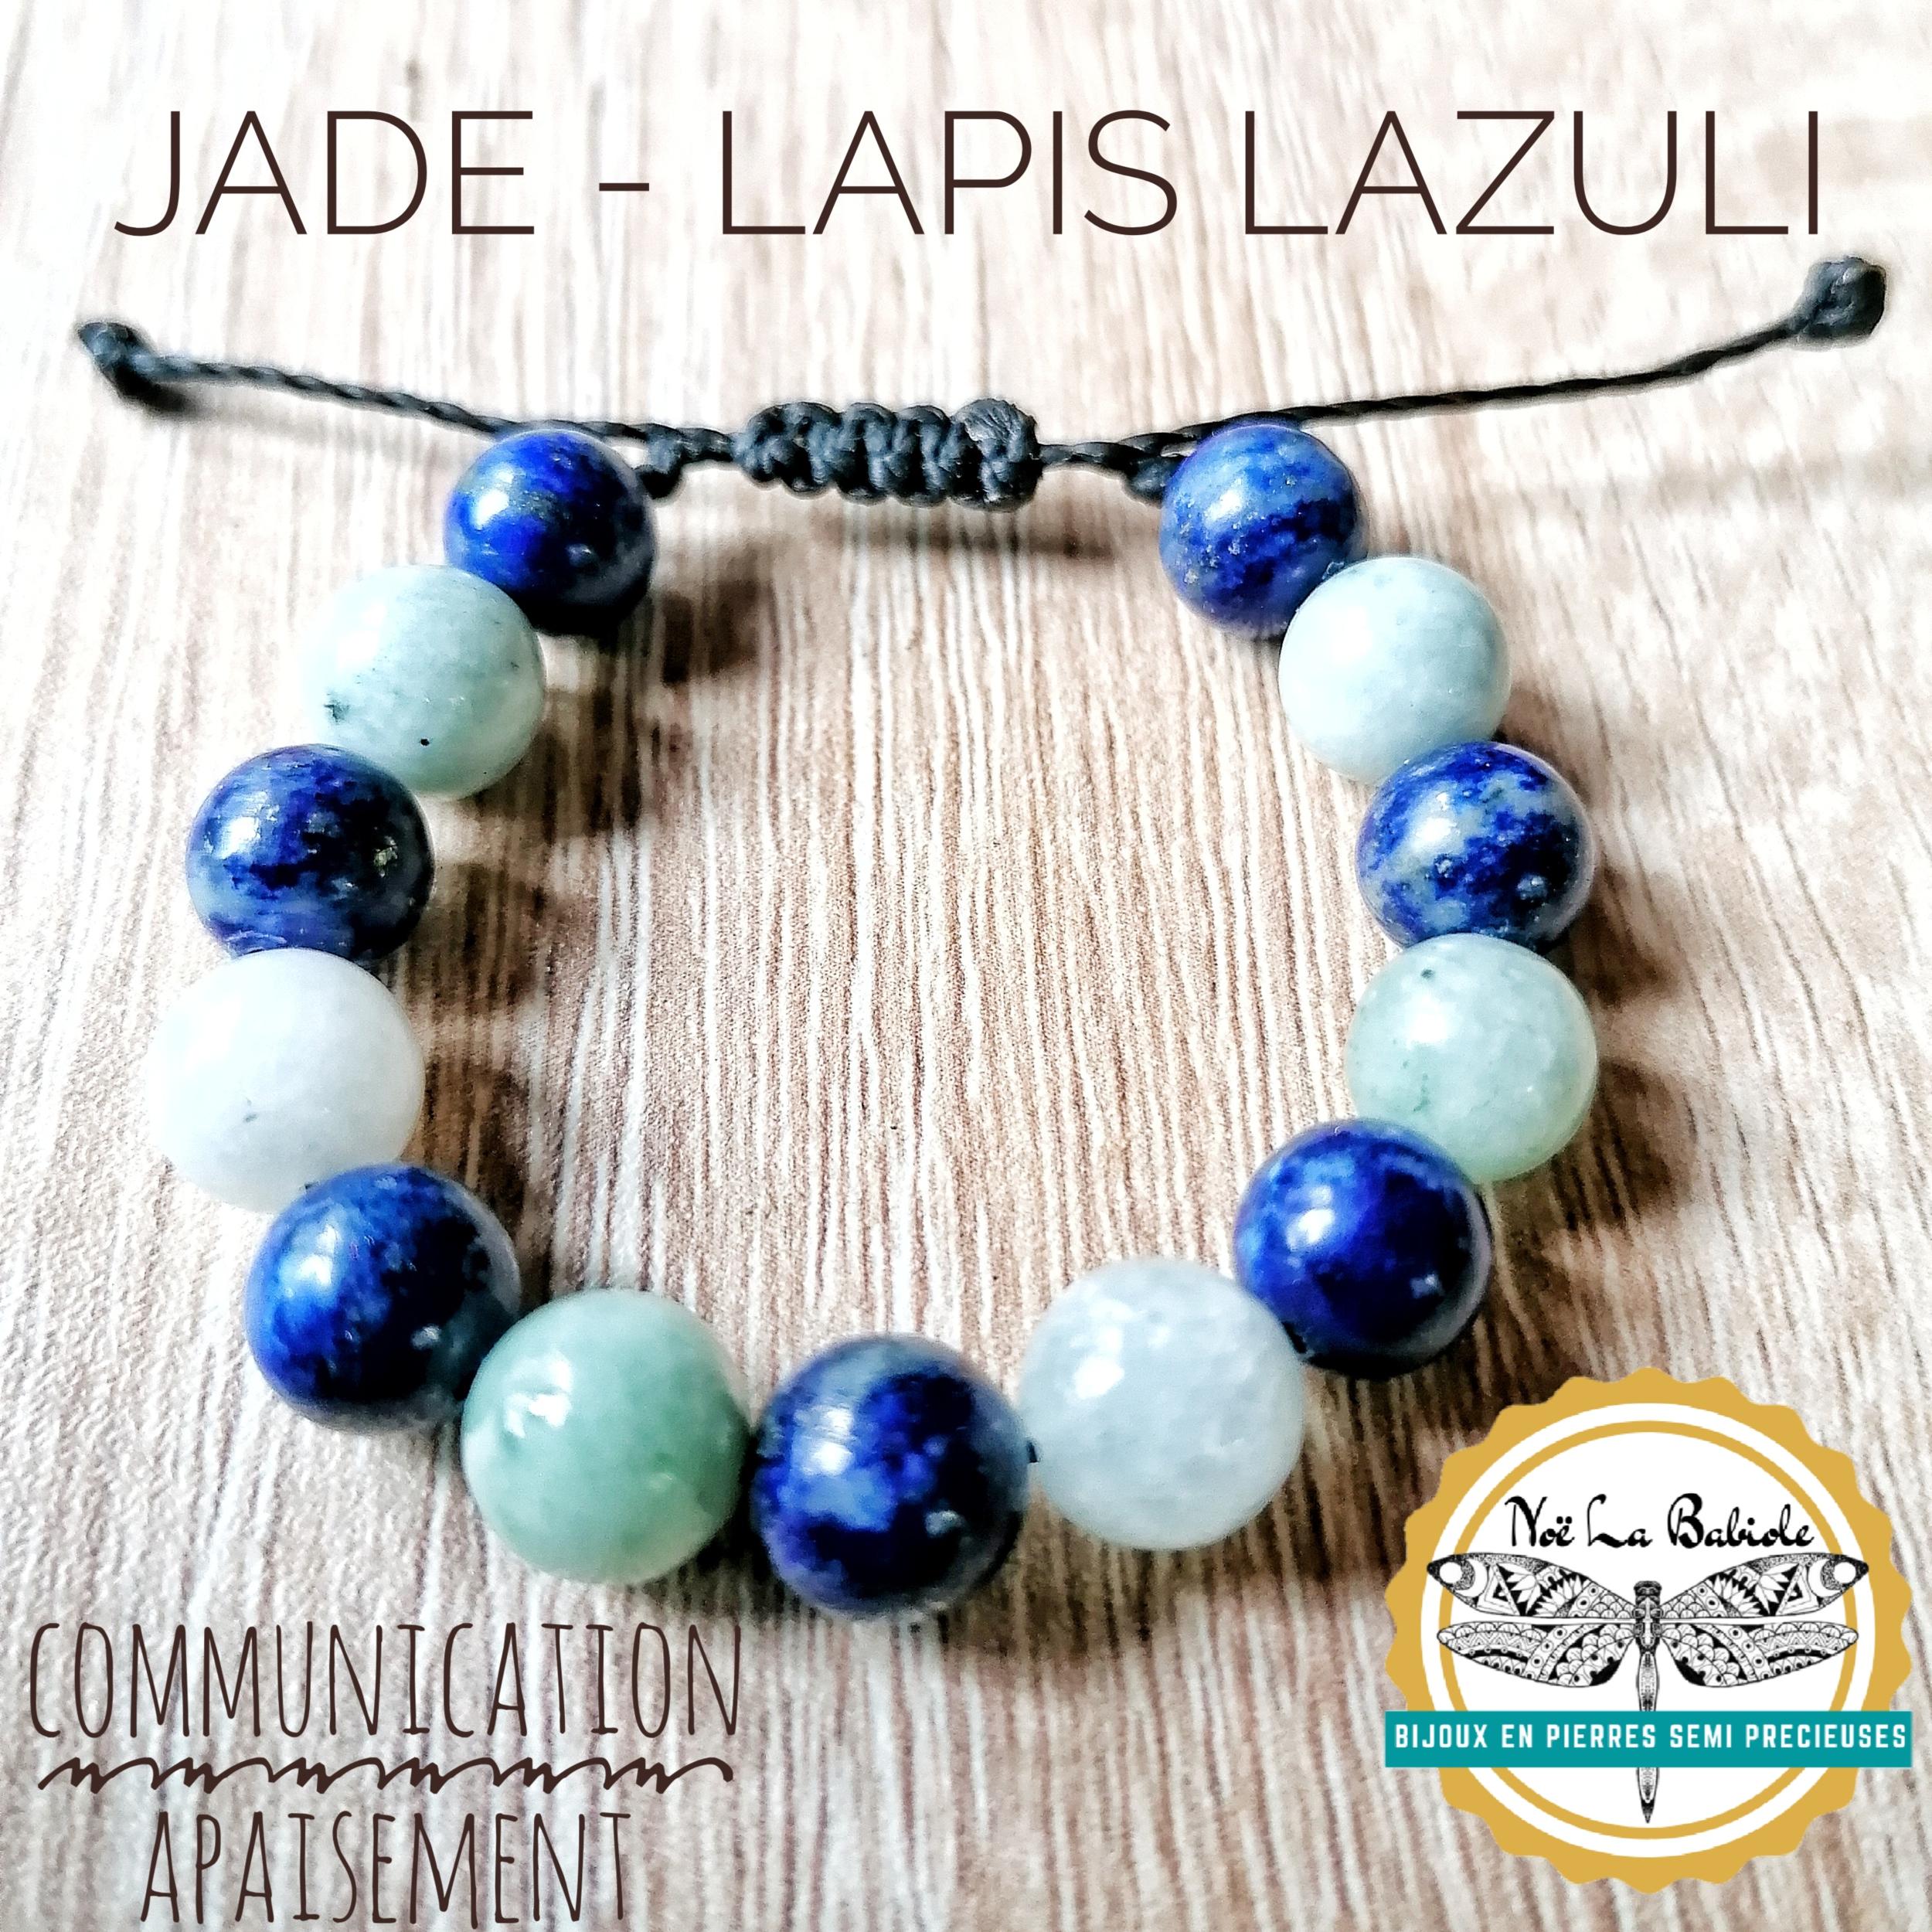 Bracelet Communication & Apaisement en Jade et Lapis Lazuli